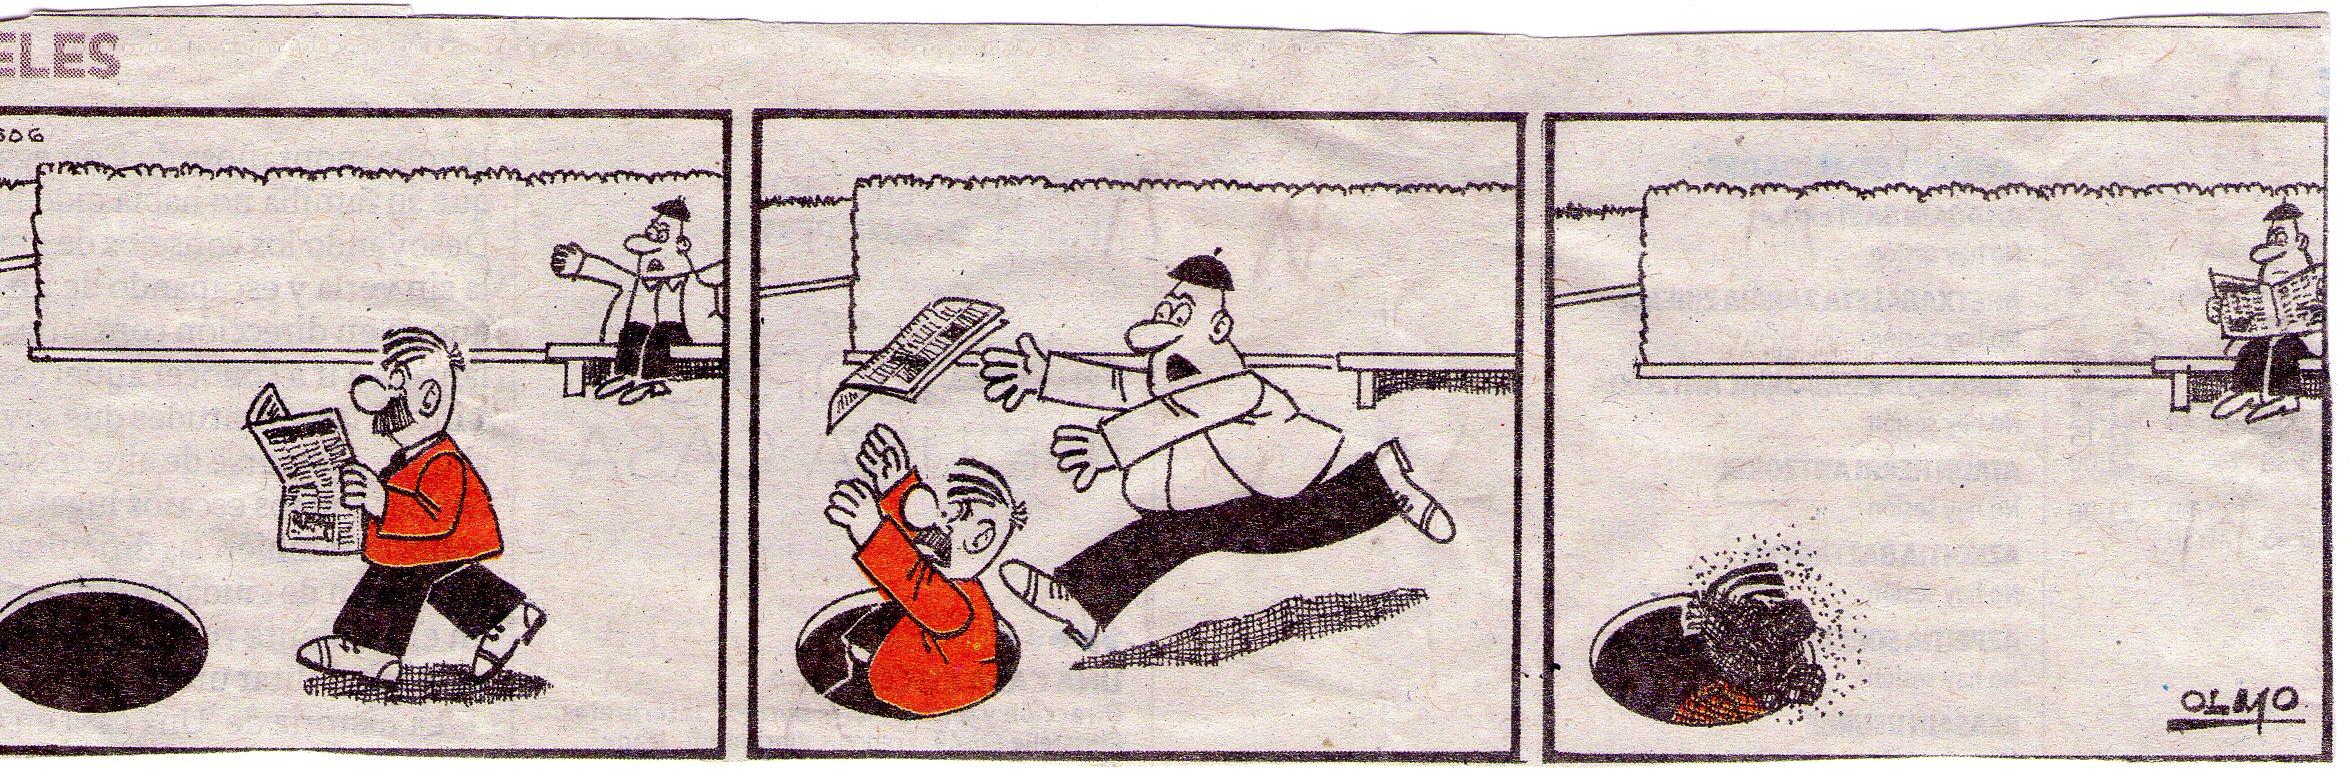 Don Celes cae a una alcantarilla y aprovechan para quitarle el periódico